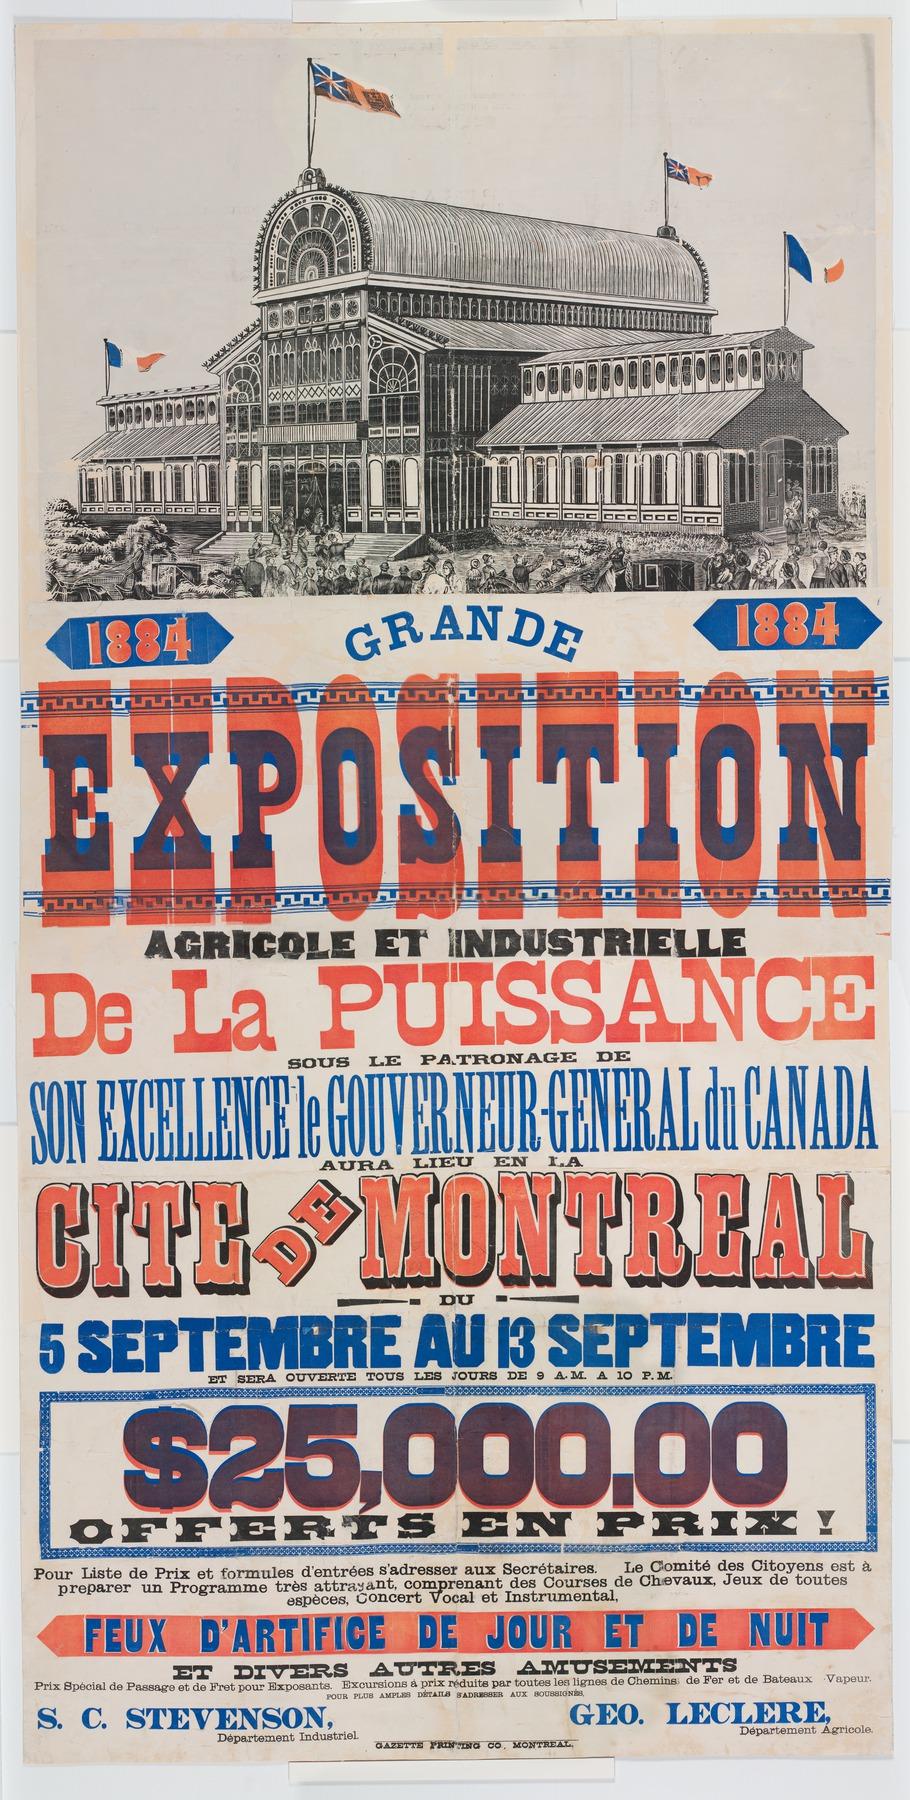 Affiche de la grande exposition agricole et industrielle qui a lieu en 1884 à Montréal